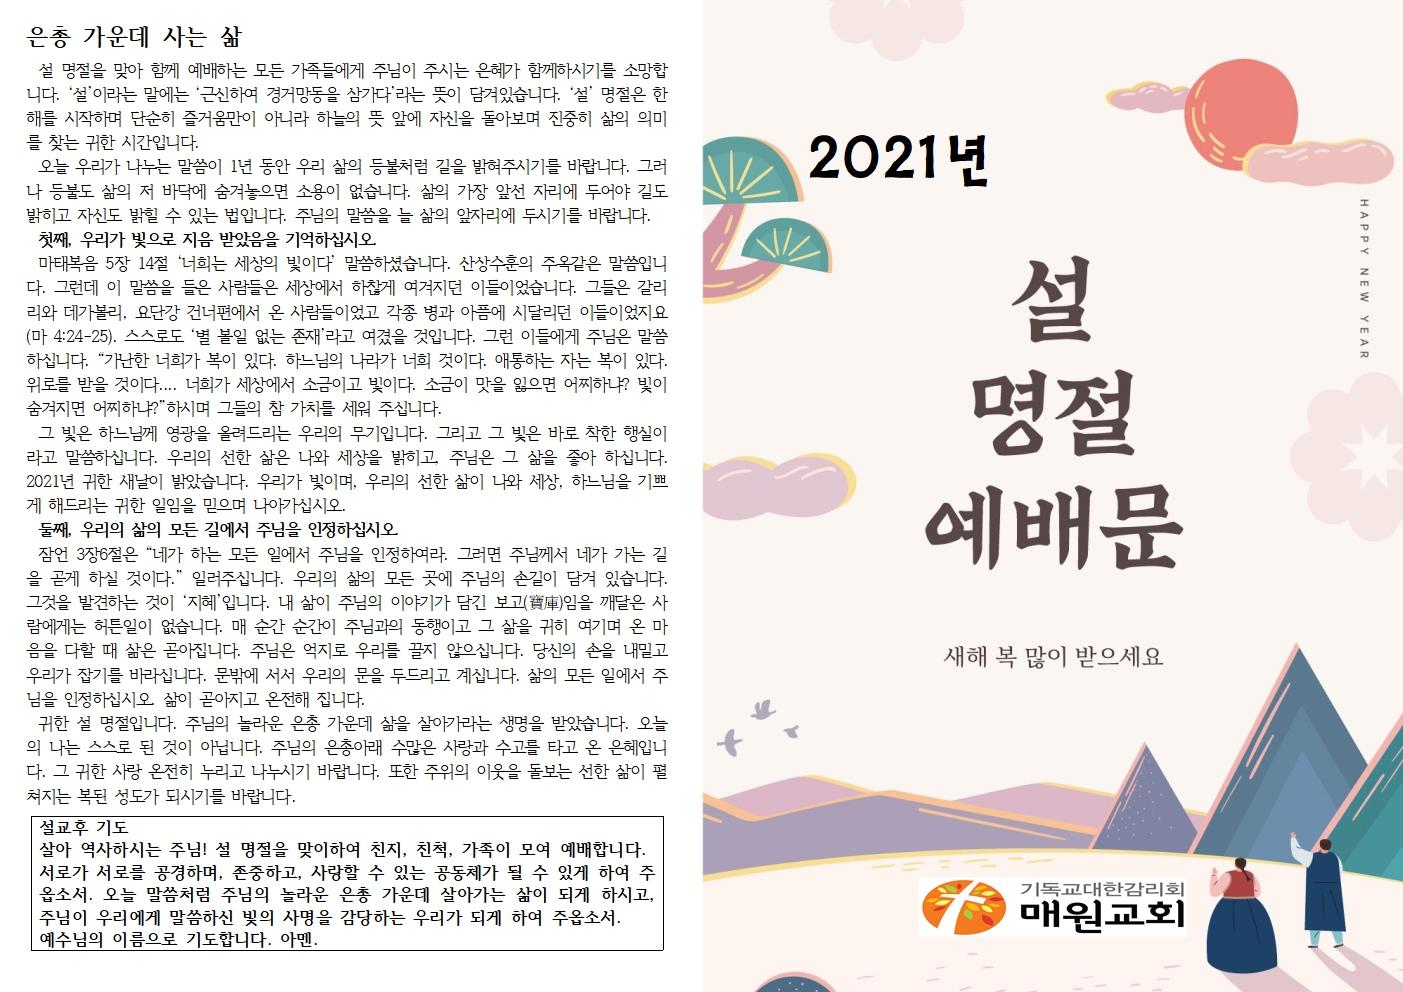 2021년 설명절 예배문001.jpg